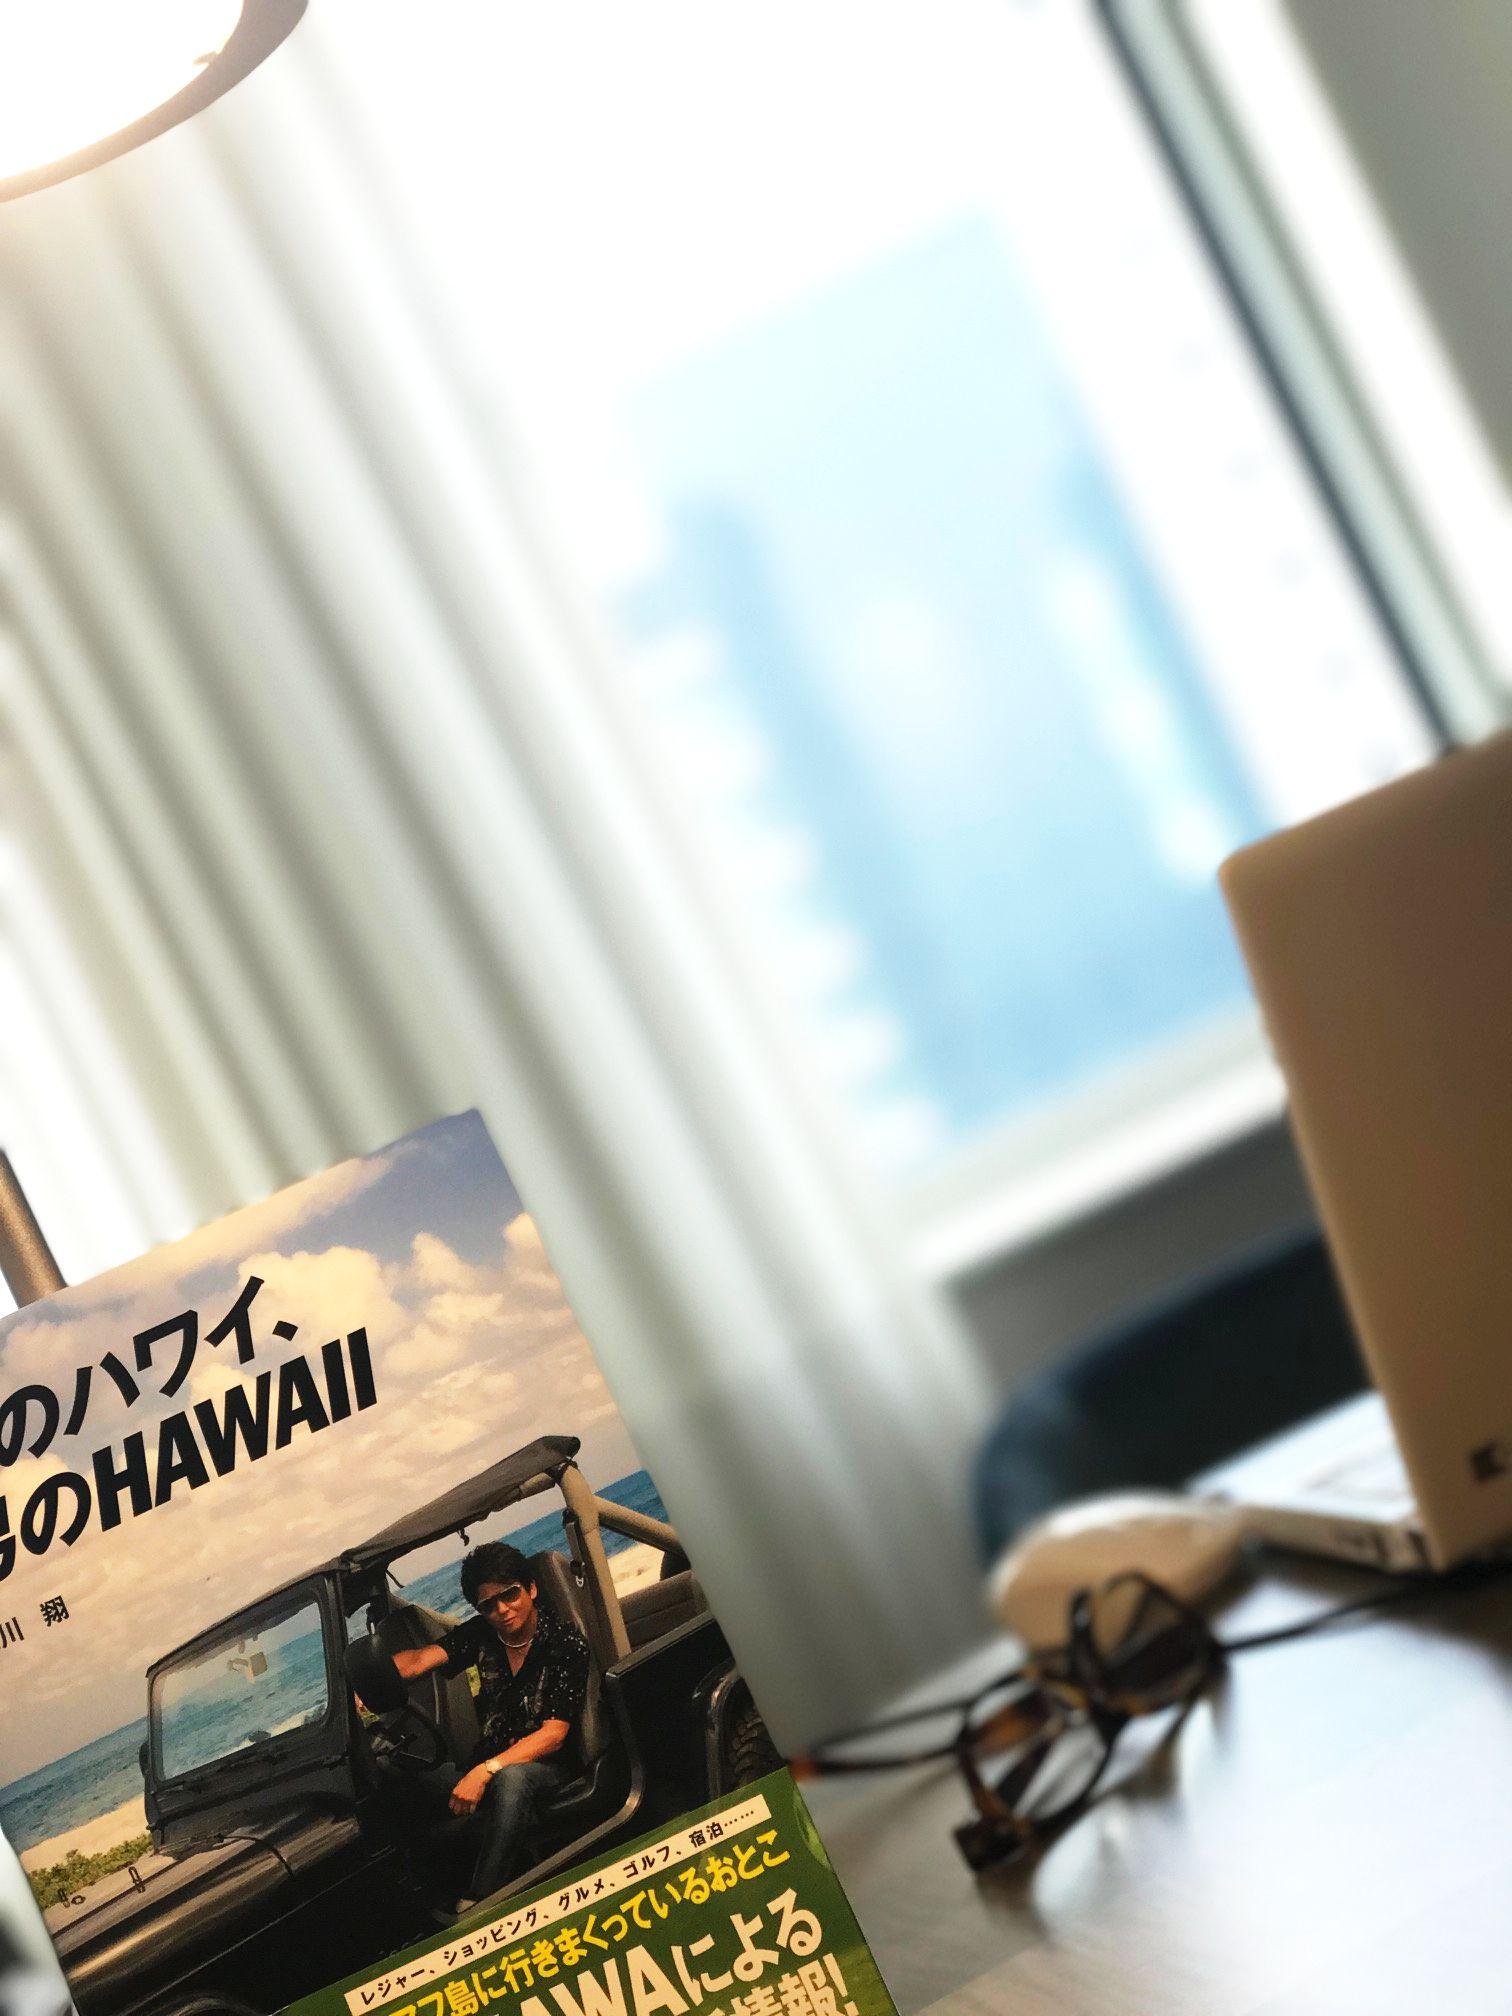 俺のハワイ 哀川翔